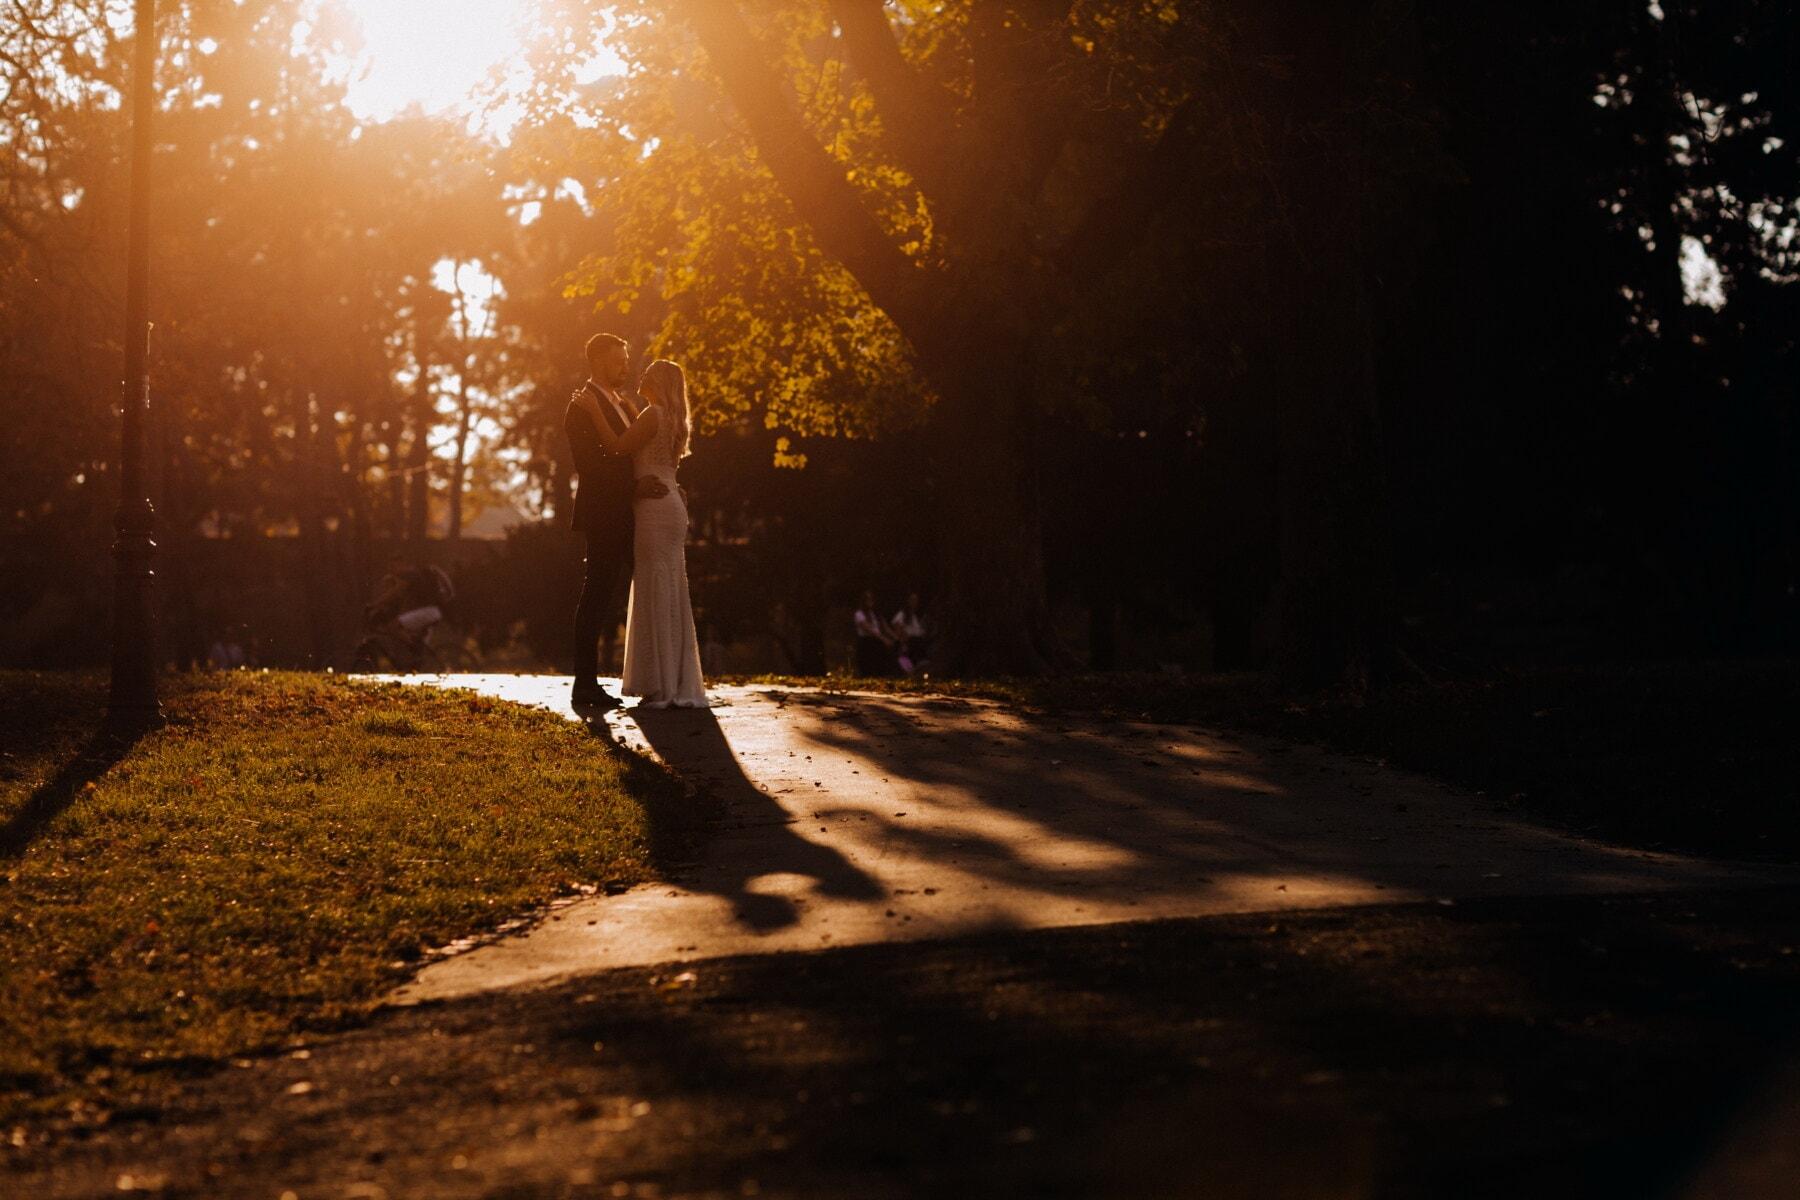 parc, coucher de soleil, gentilhomme, dame, amour, date d'amour, jeune fille, aube, soleil, gens